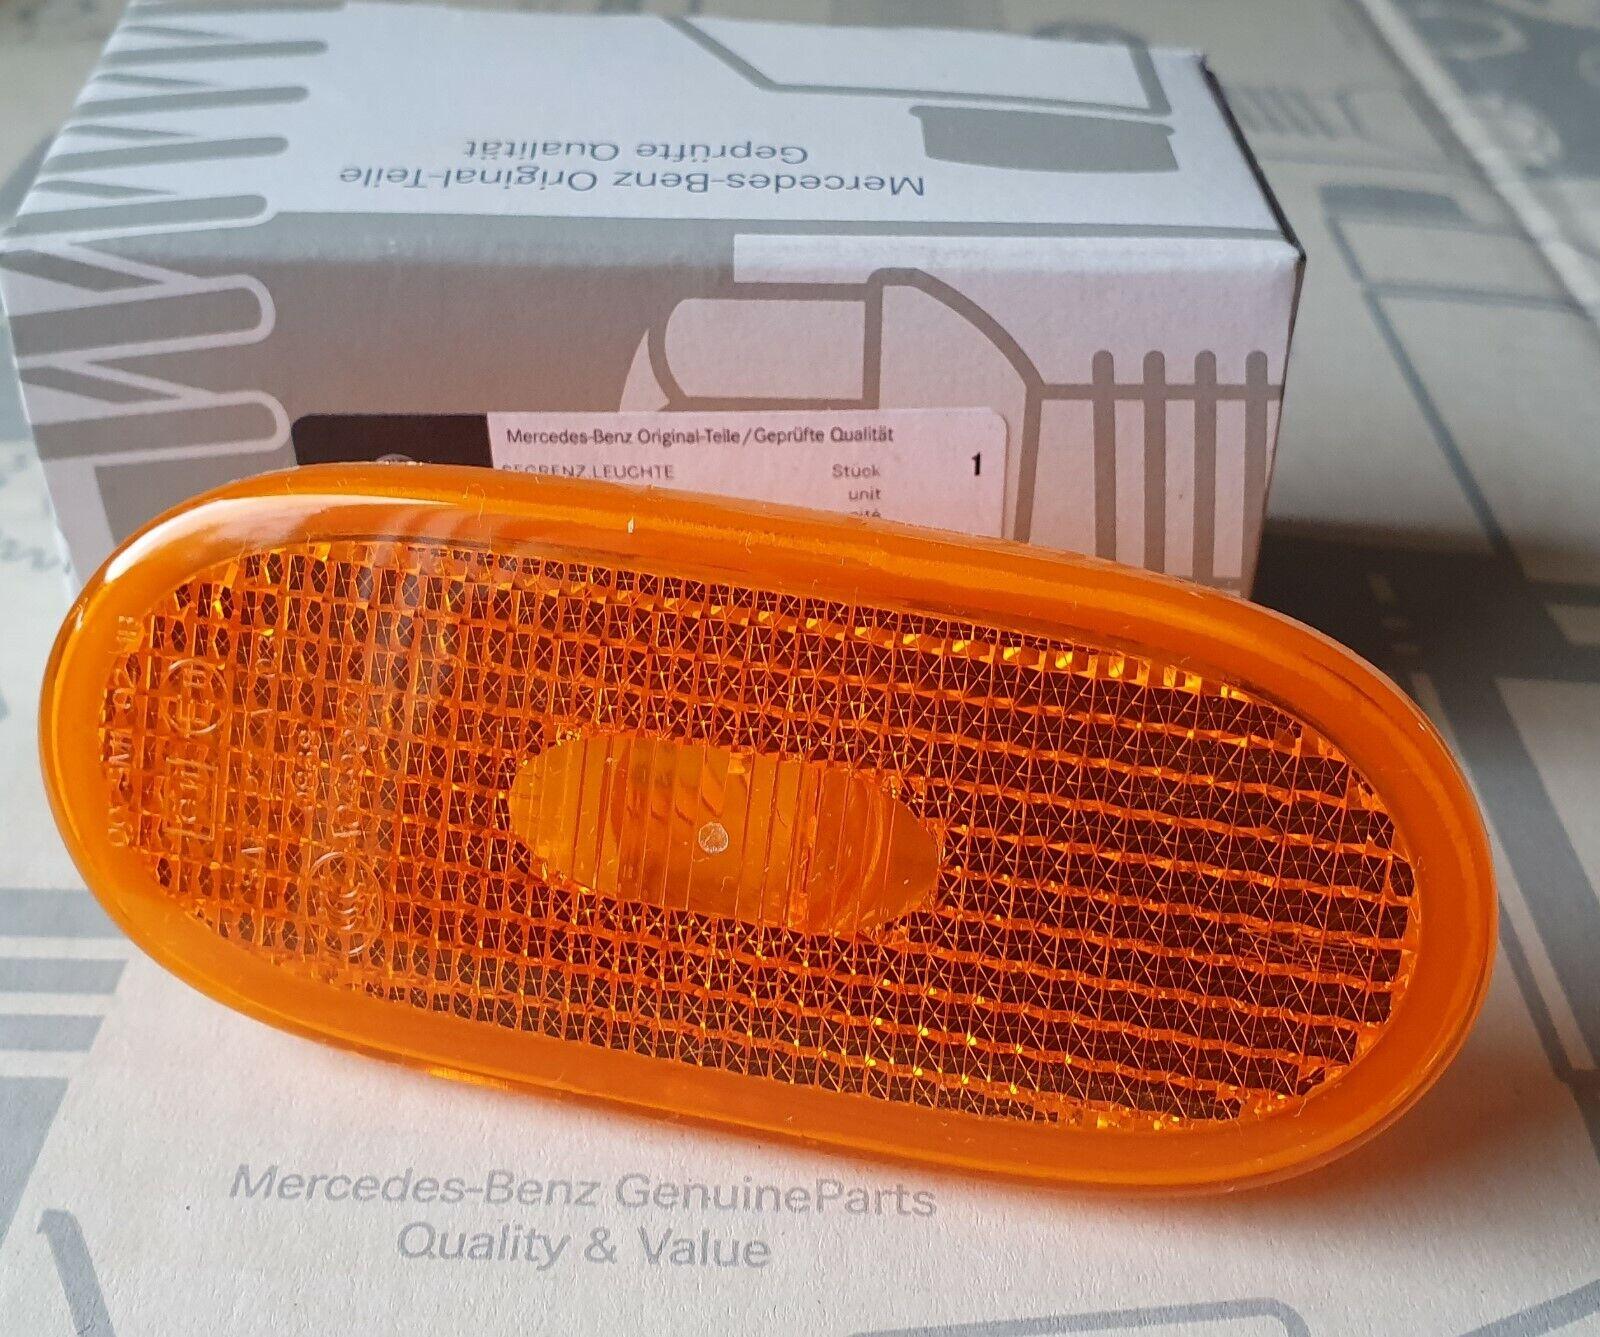 Luces de posición laterales de iluminación Trucktec automotive 02.58.370